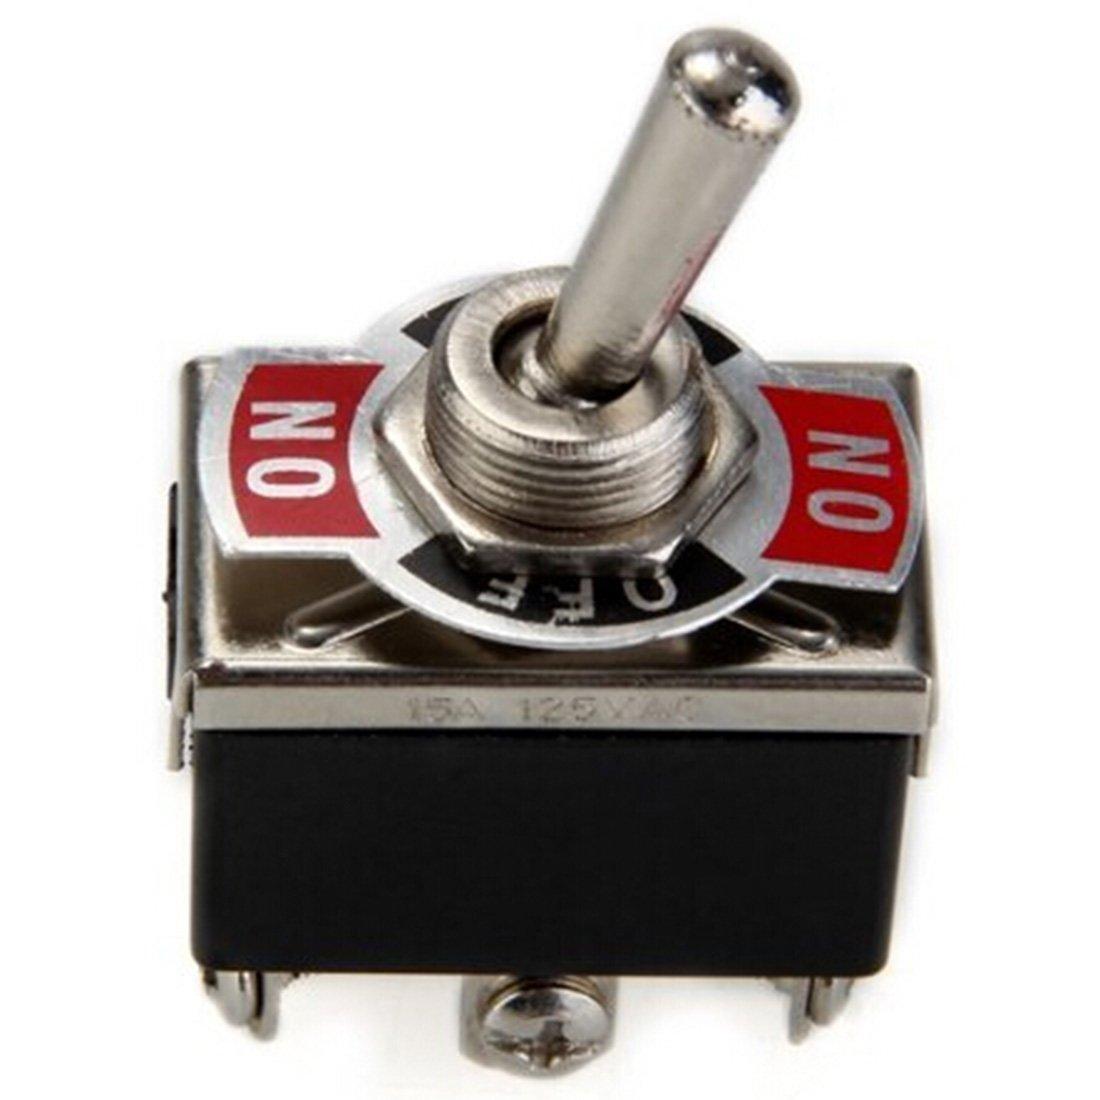 DPDT resistente para coche, interruptor de palanca metá lica de encendido/apagado, 12 V, de luz corta, barco interruptor de palanca metálica de encendido/apagado Luwu-Store